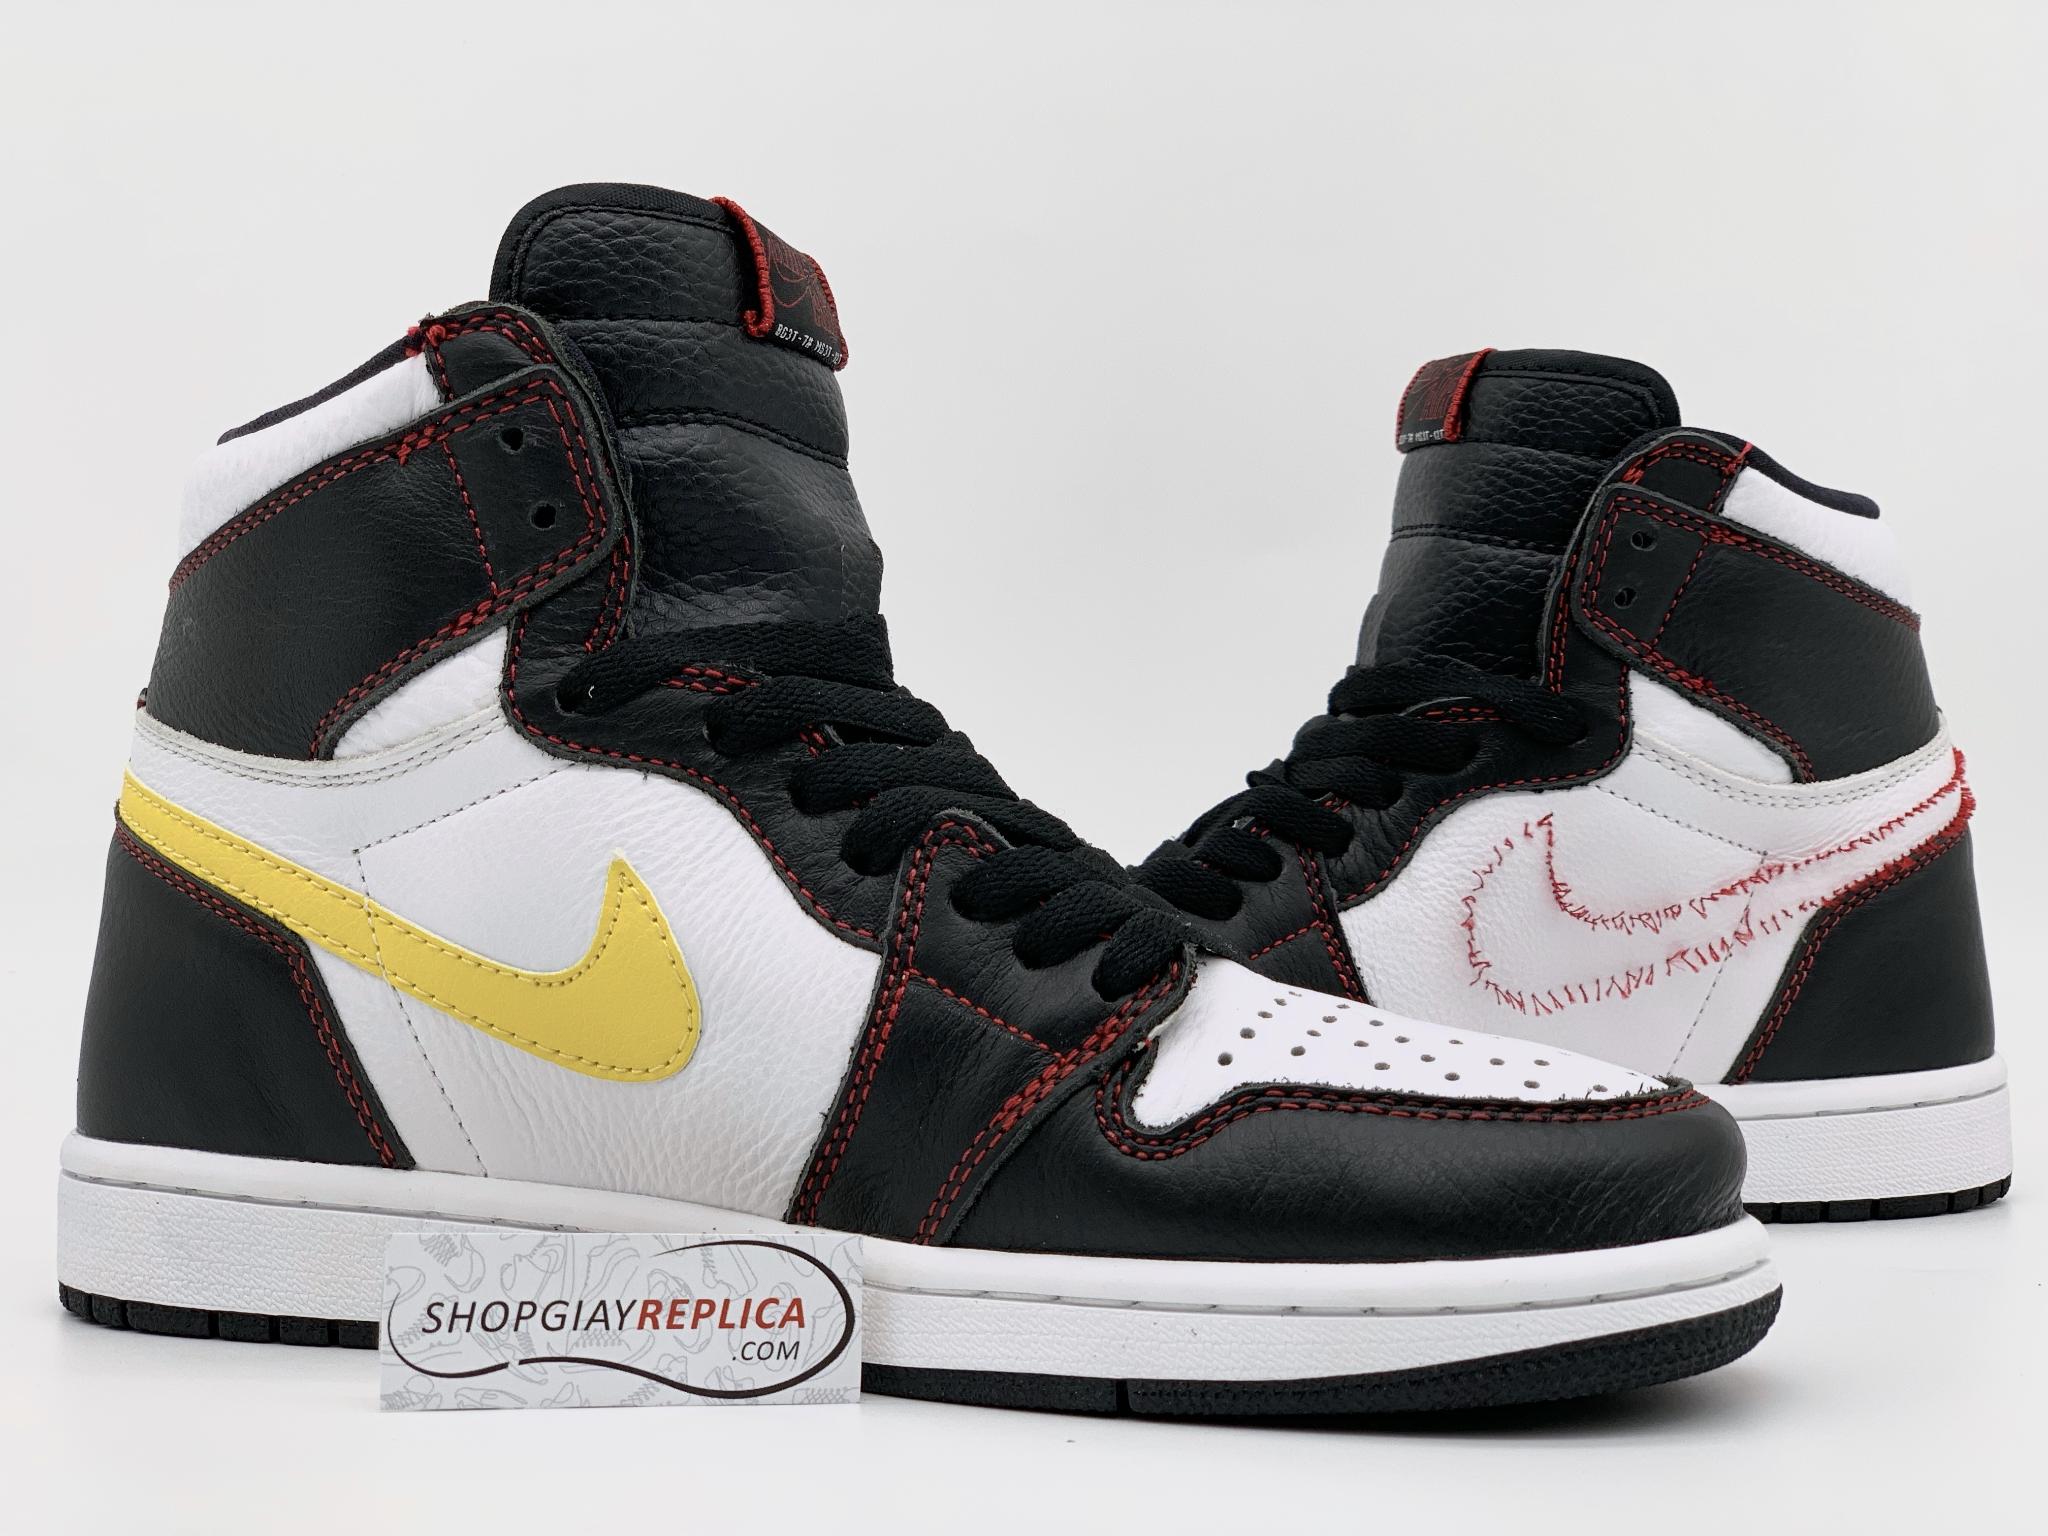 hình ảnh Các mẫu giày Jordan trắng đen hot nhất 2021 - số 4